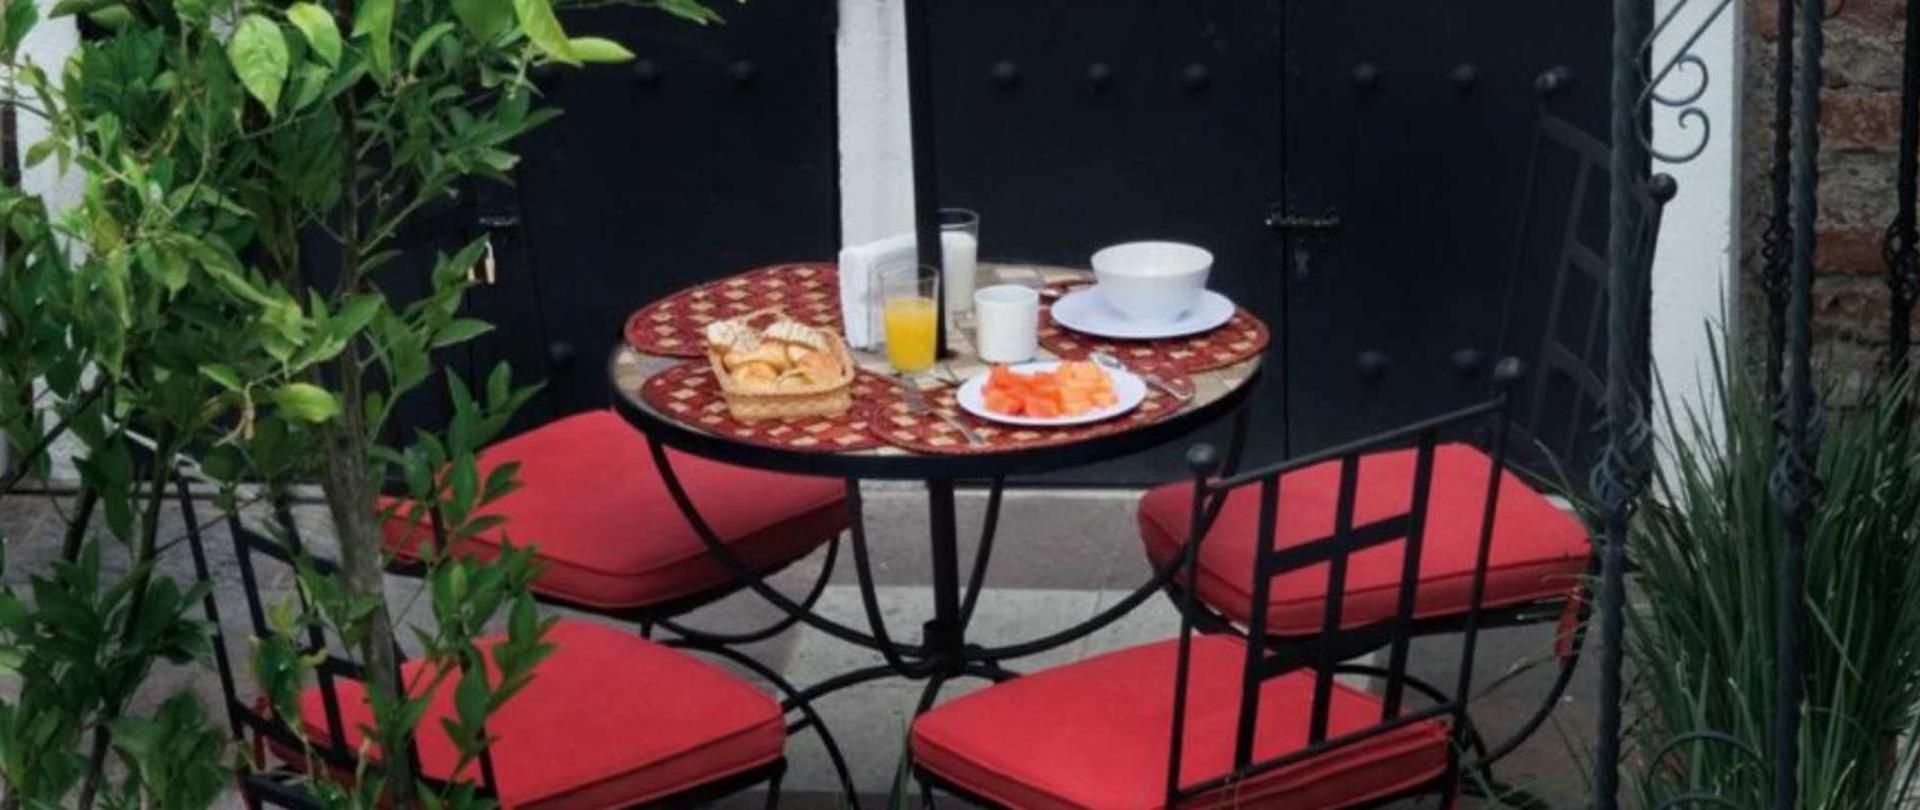 Desayuno -Hotel Quinta Lucca -Querétaro .jpg